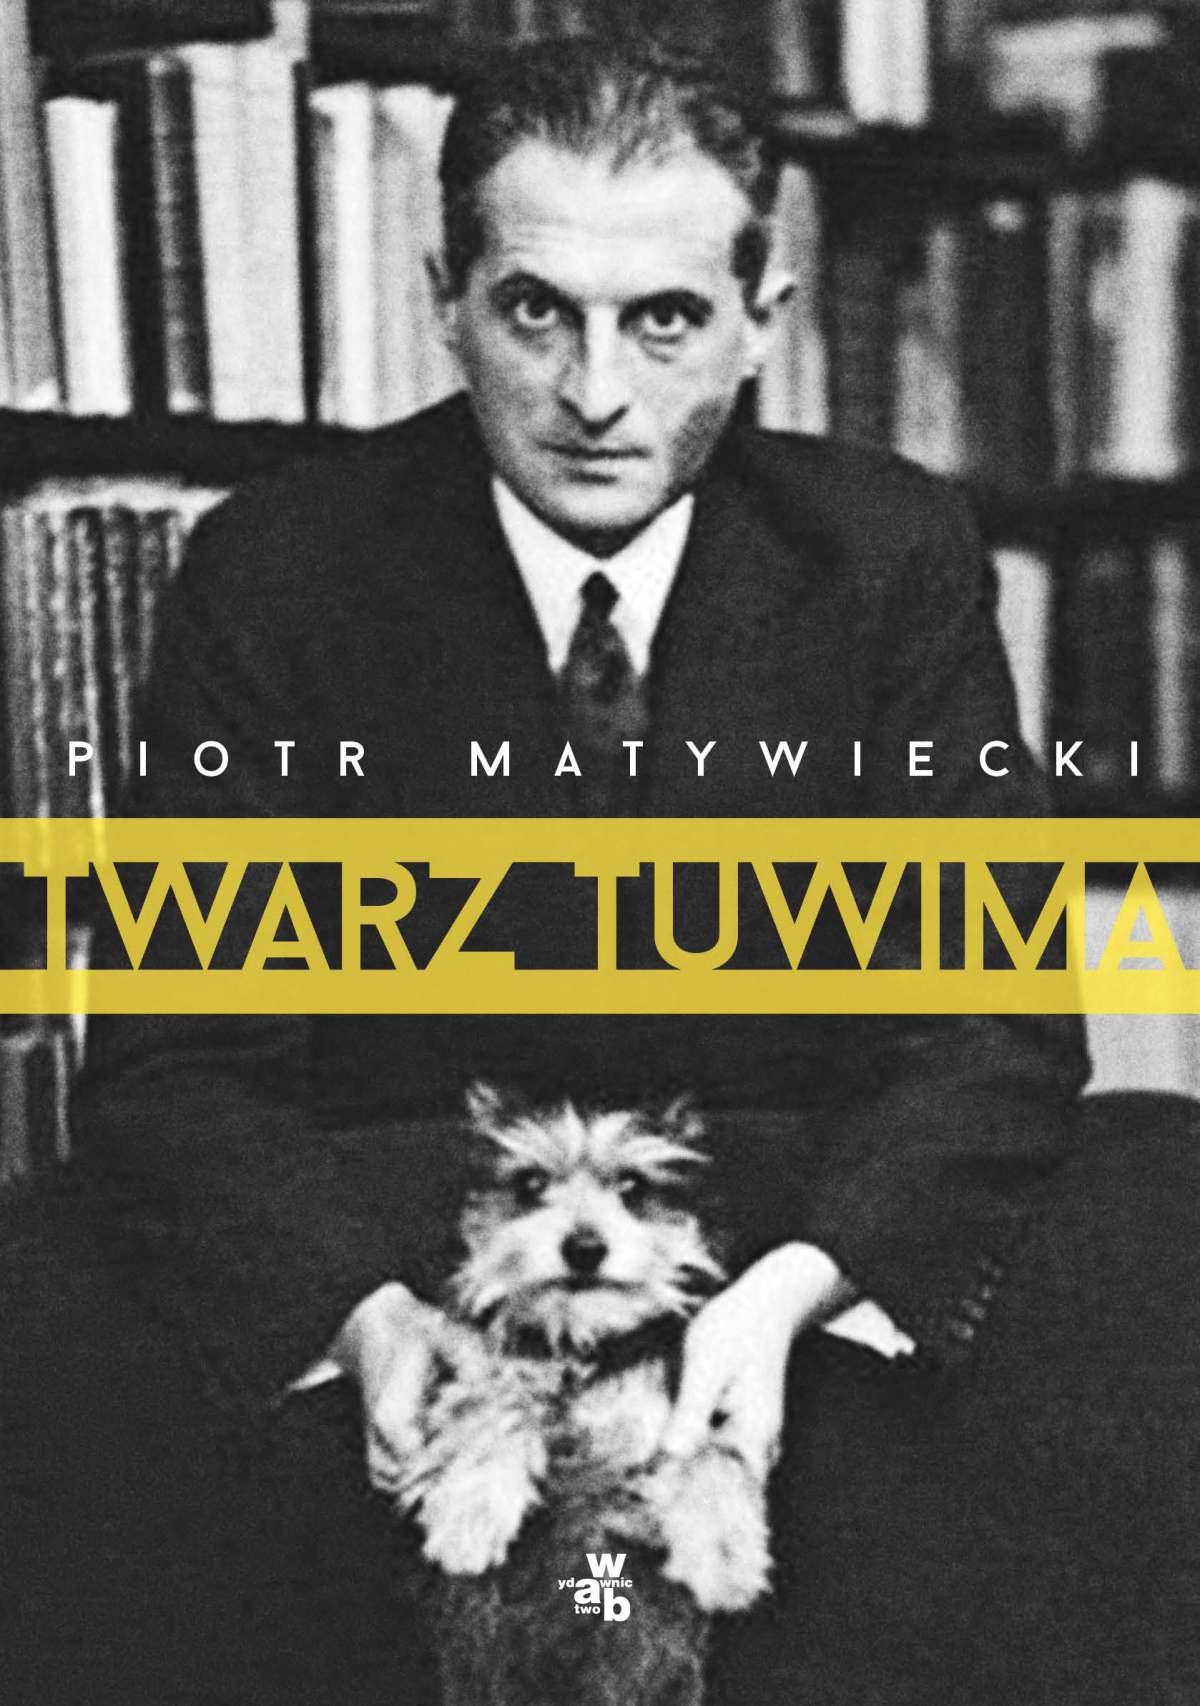 Twarz Tuwima - Ebook (Książka na Kindle) do pobrania w formacie MOBI